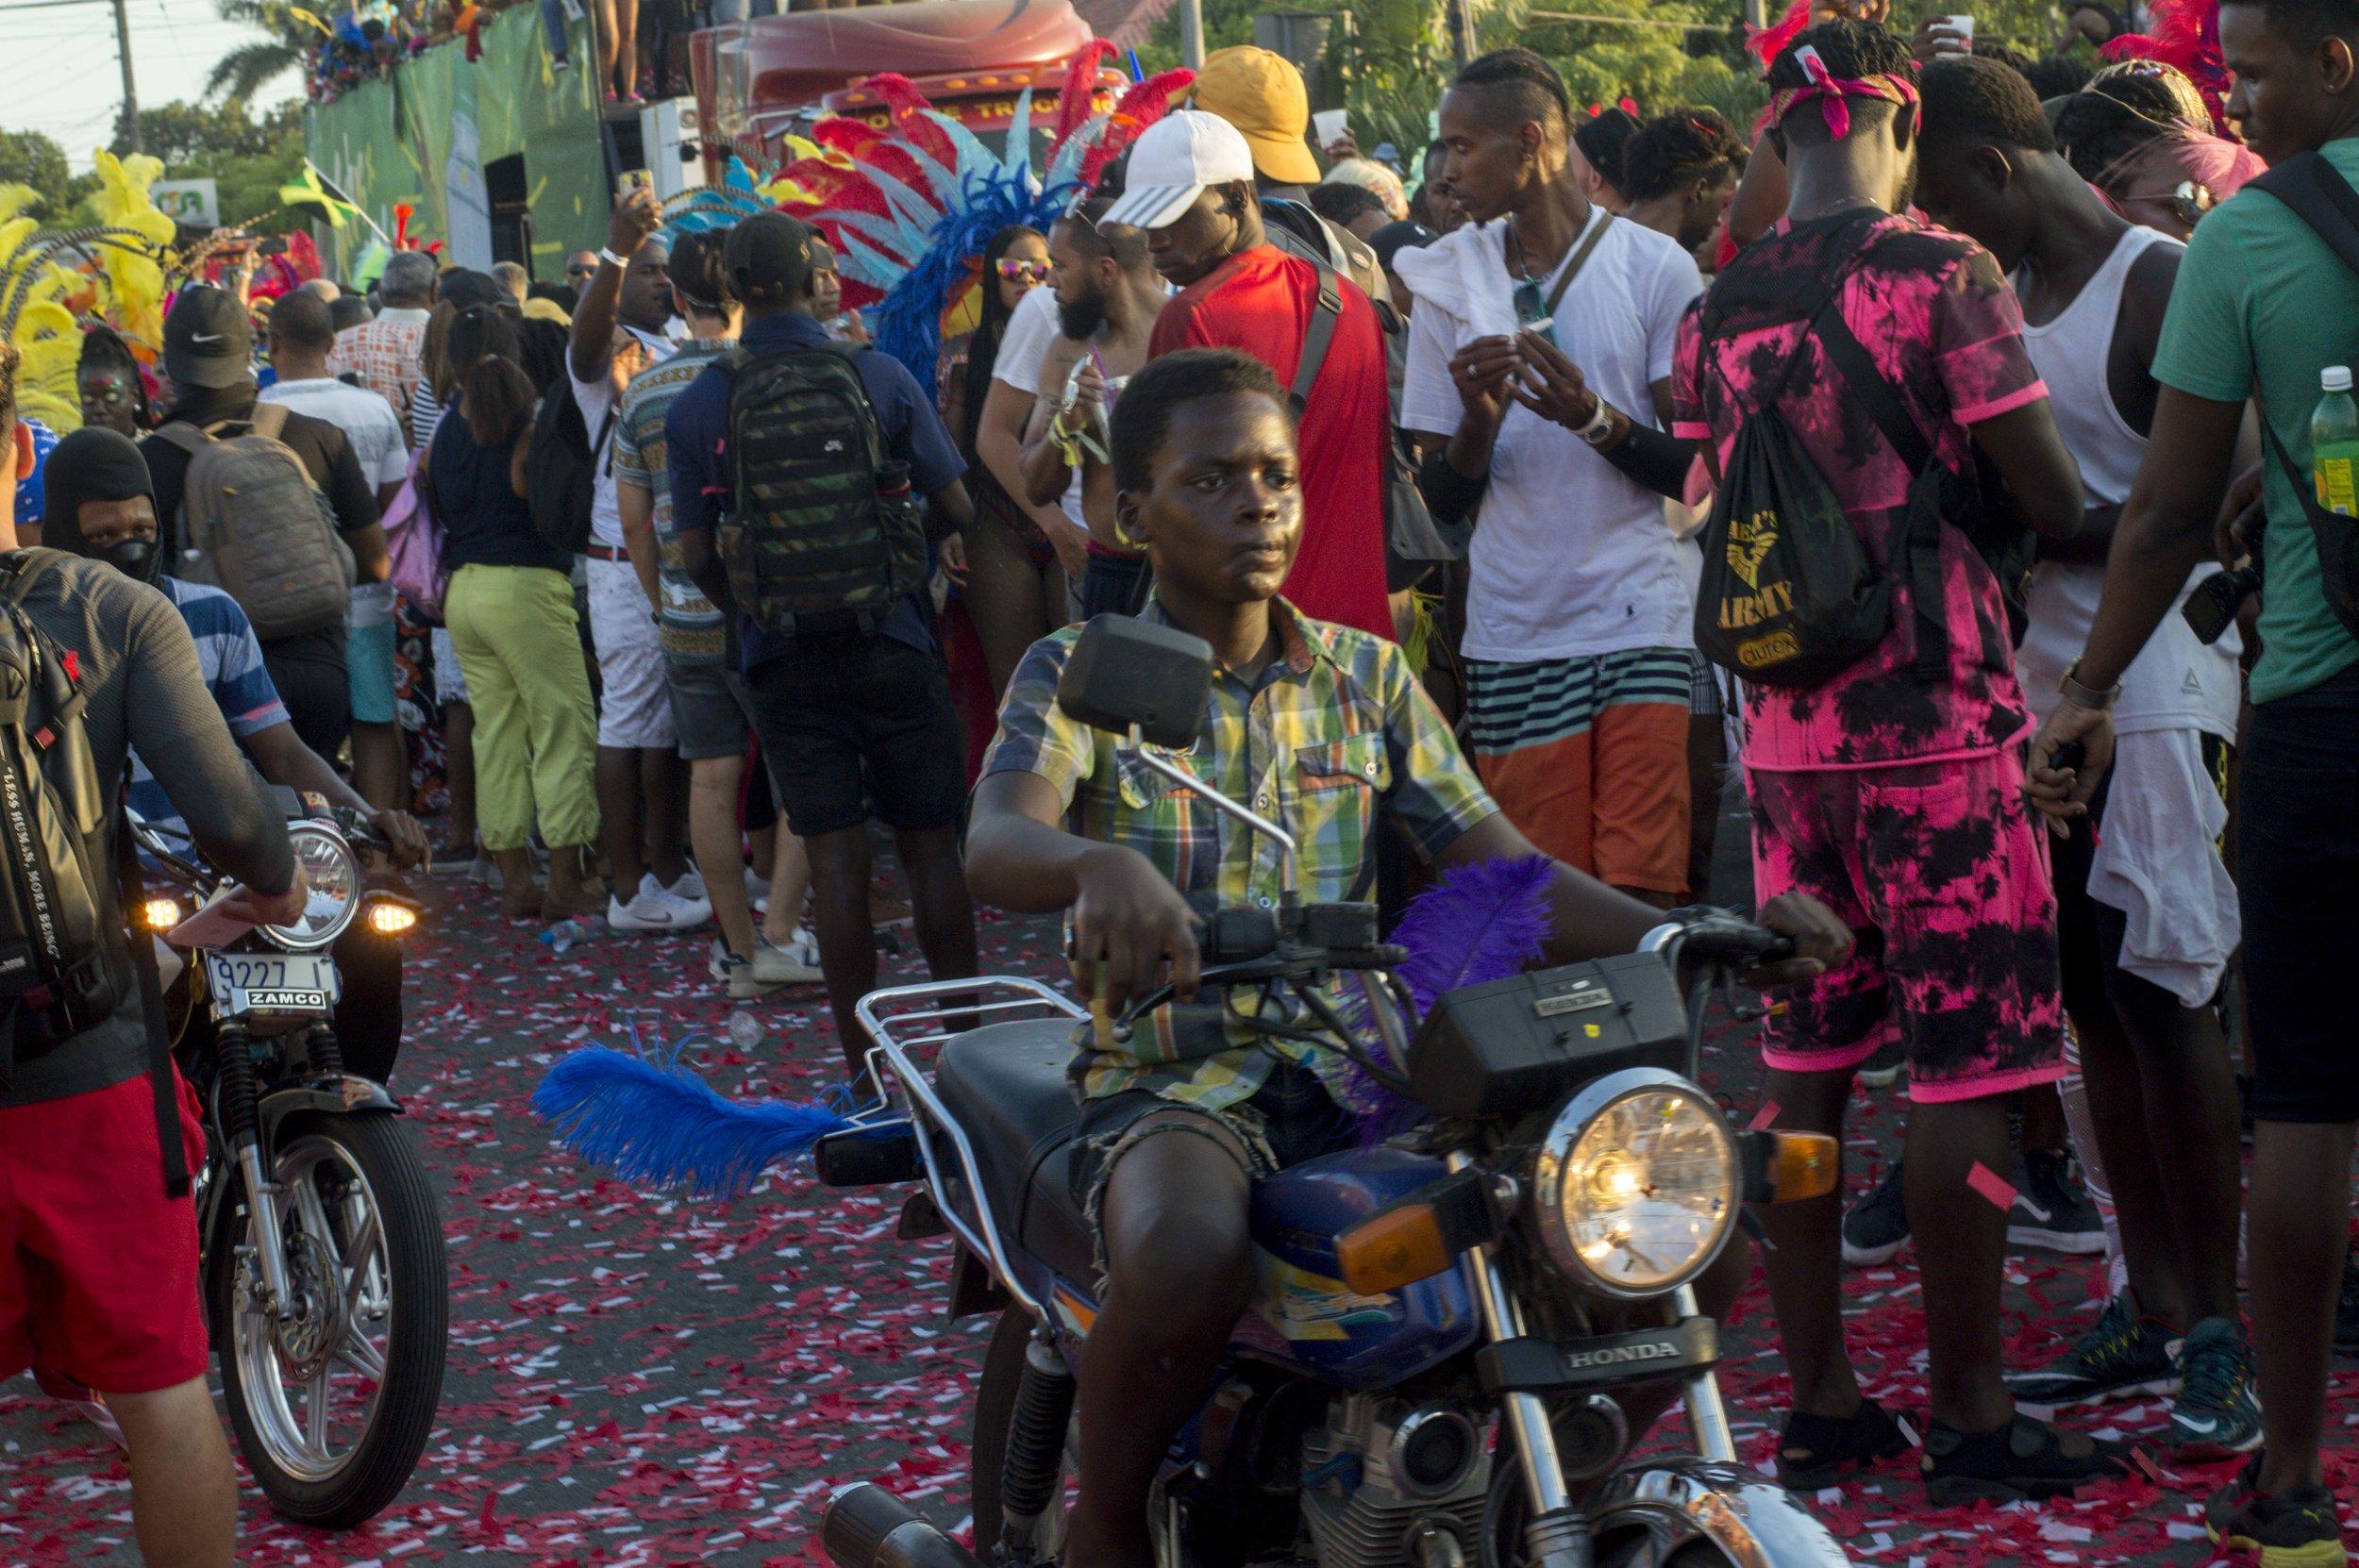 carnival2019_jeanalindo-37.jpg